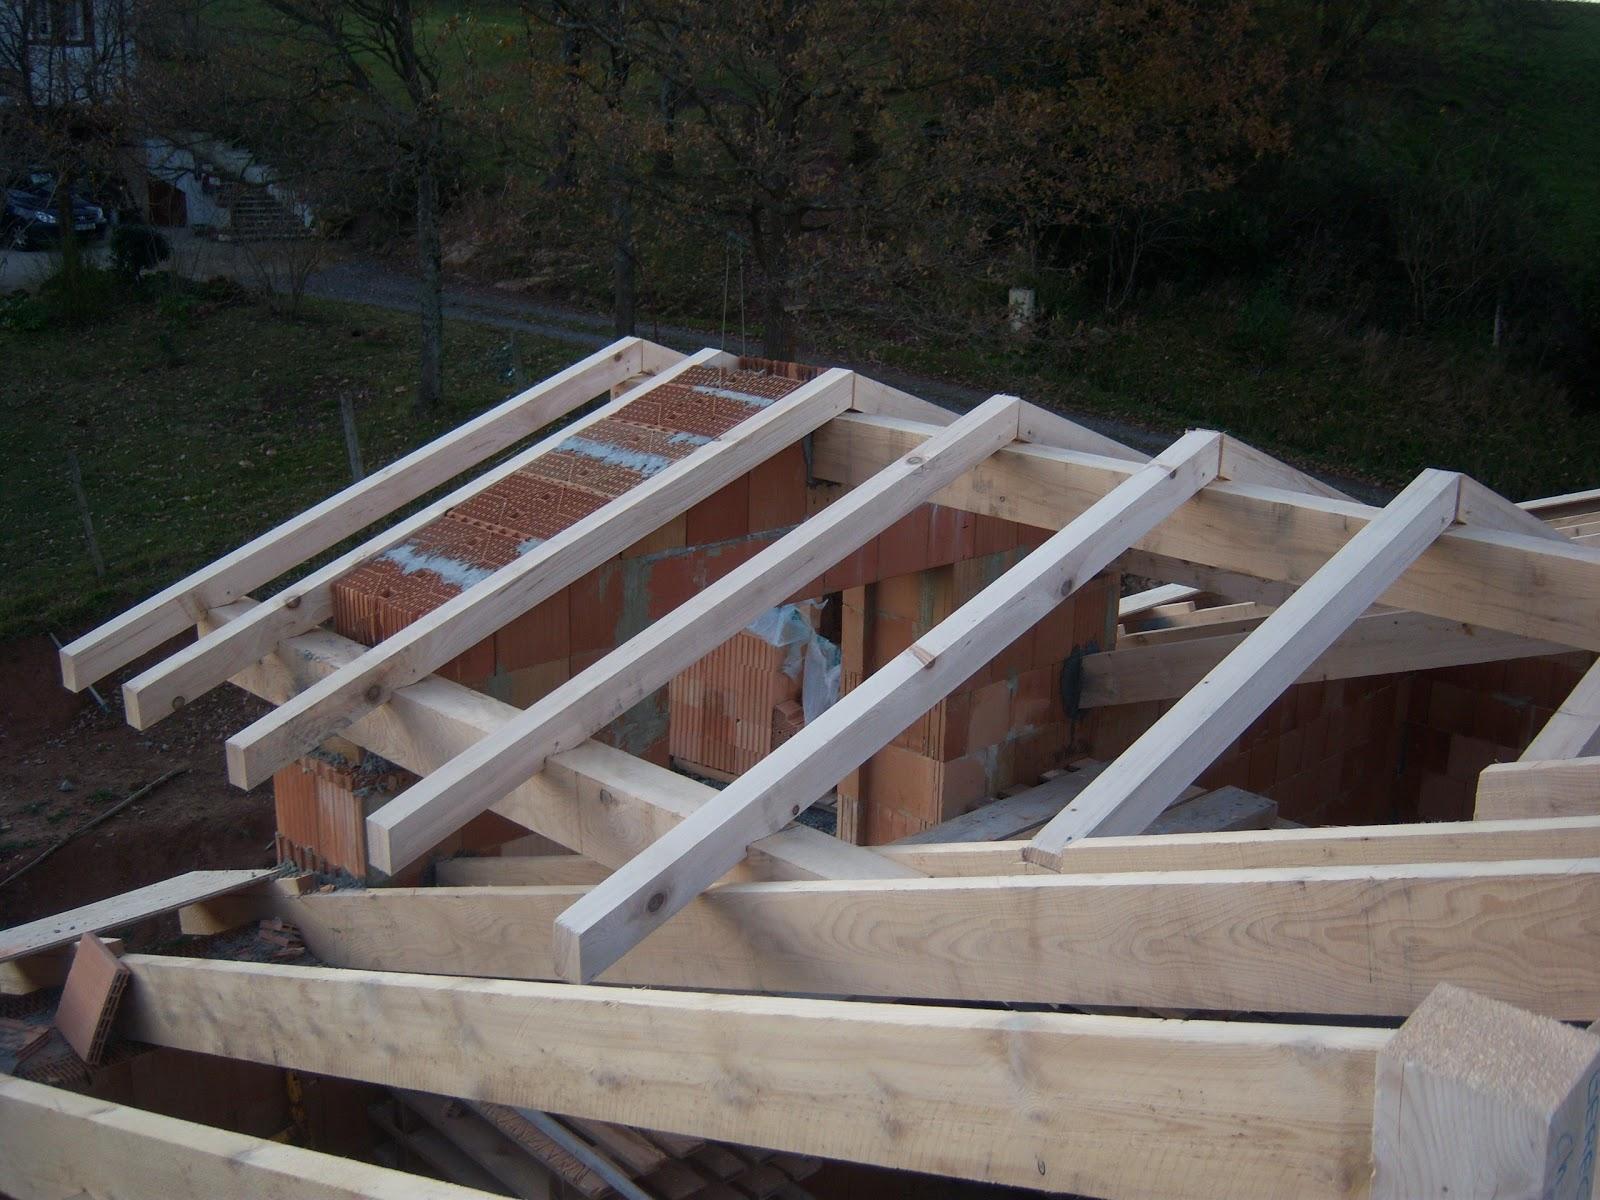 Andocarpinteando tejado con aislante de fibras de madera for Tejados de madera vista